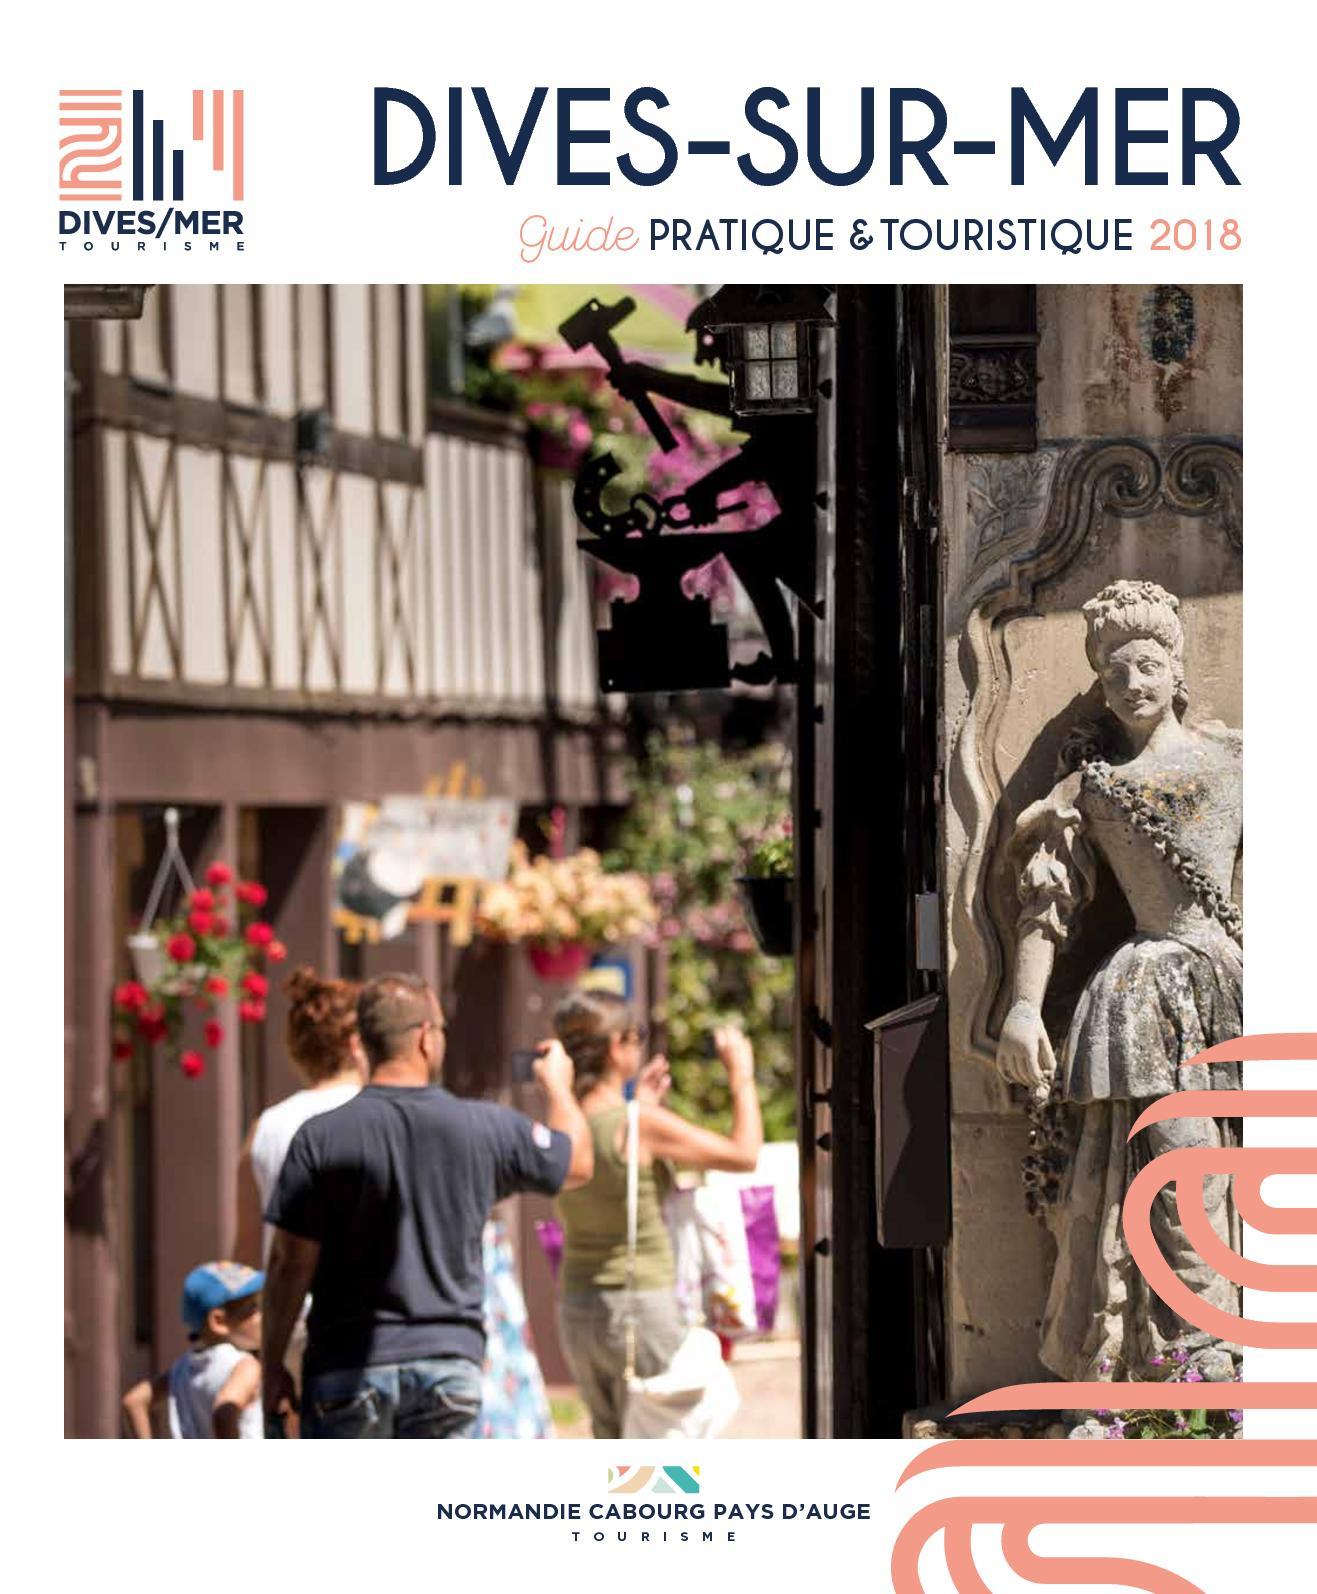 Calam o guide touristique 2018 dives sur mer - Office de tourisme dives sur mer ...